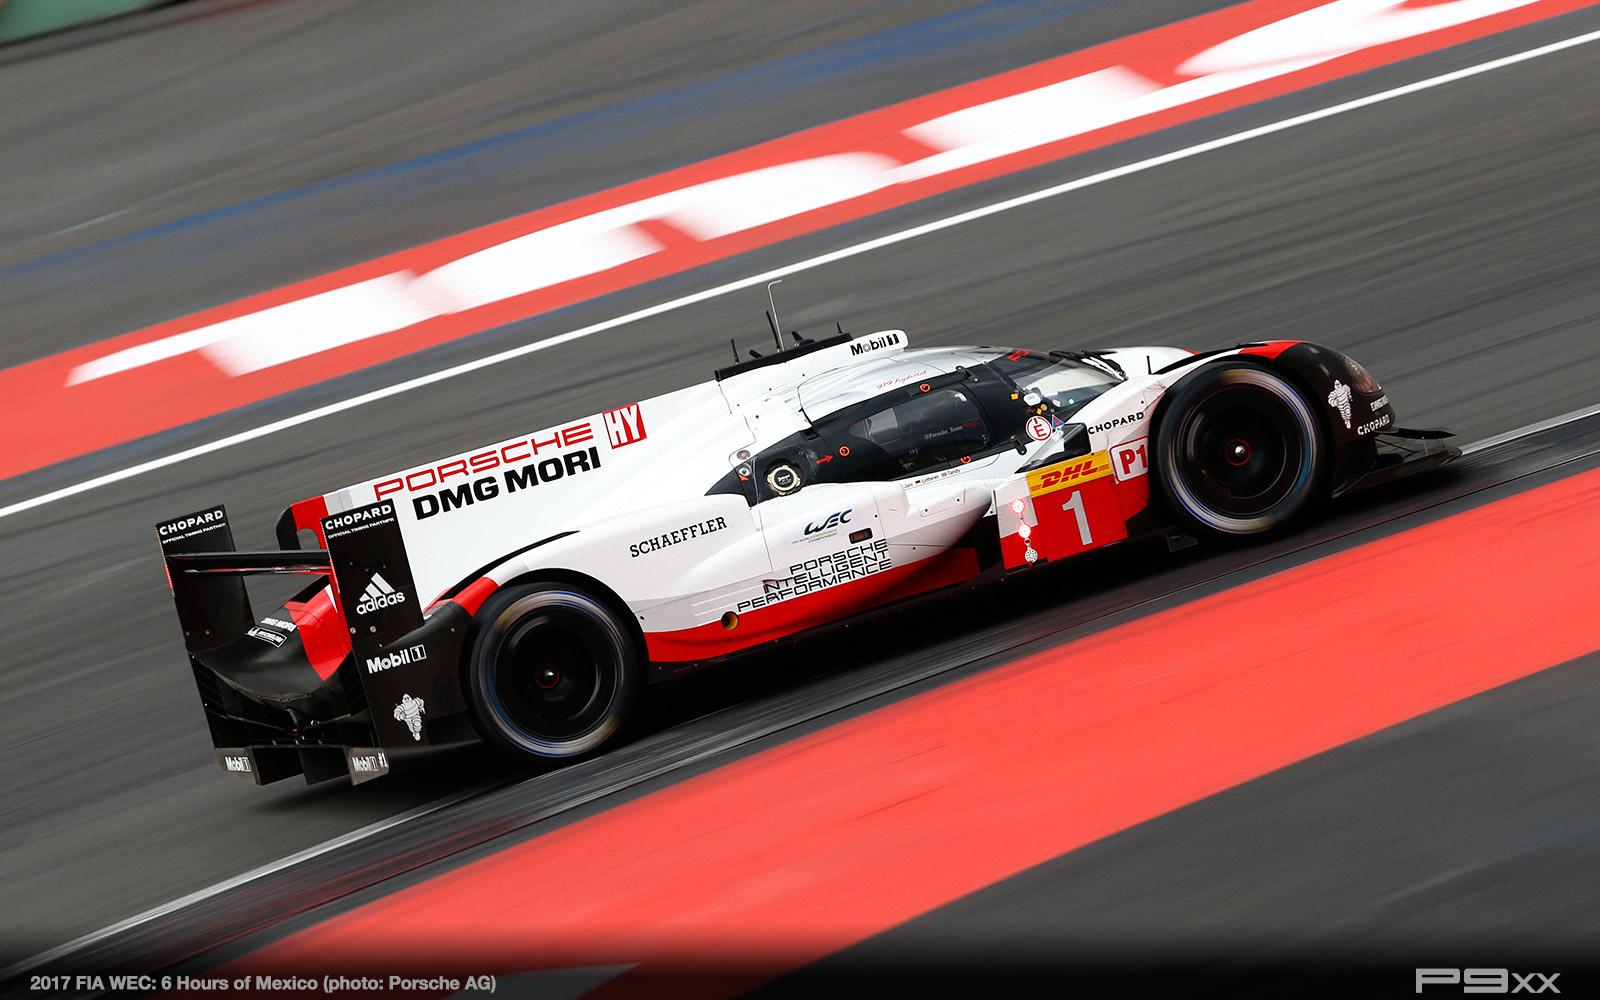 2017-FIA-WEC-6-HOURS-MEXICO-PORSCHE-1319